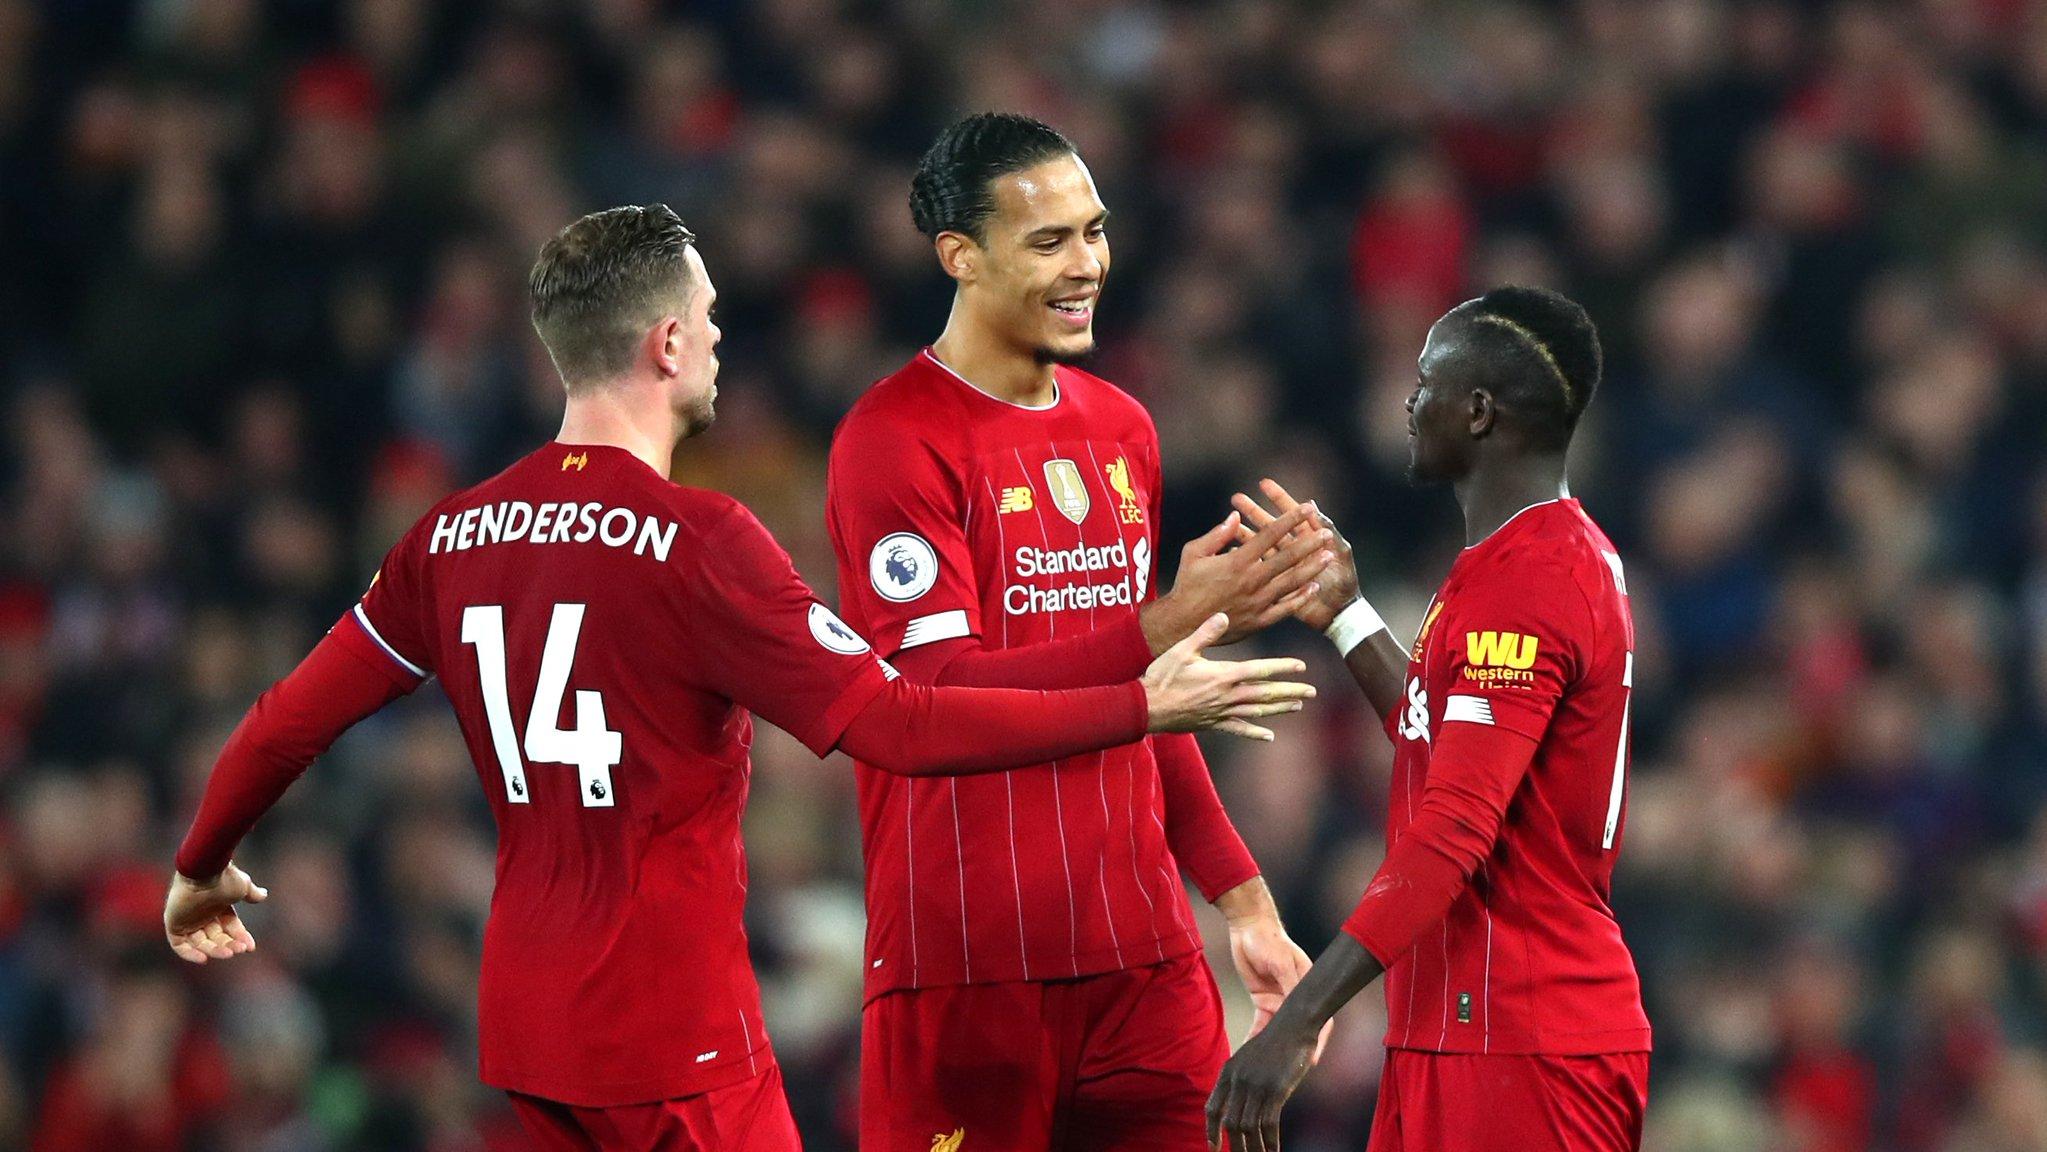 #PremierLeague - Liverpool remporte sa 18e victoire sur 19 matchs